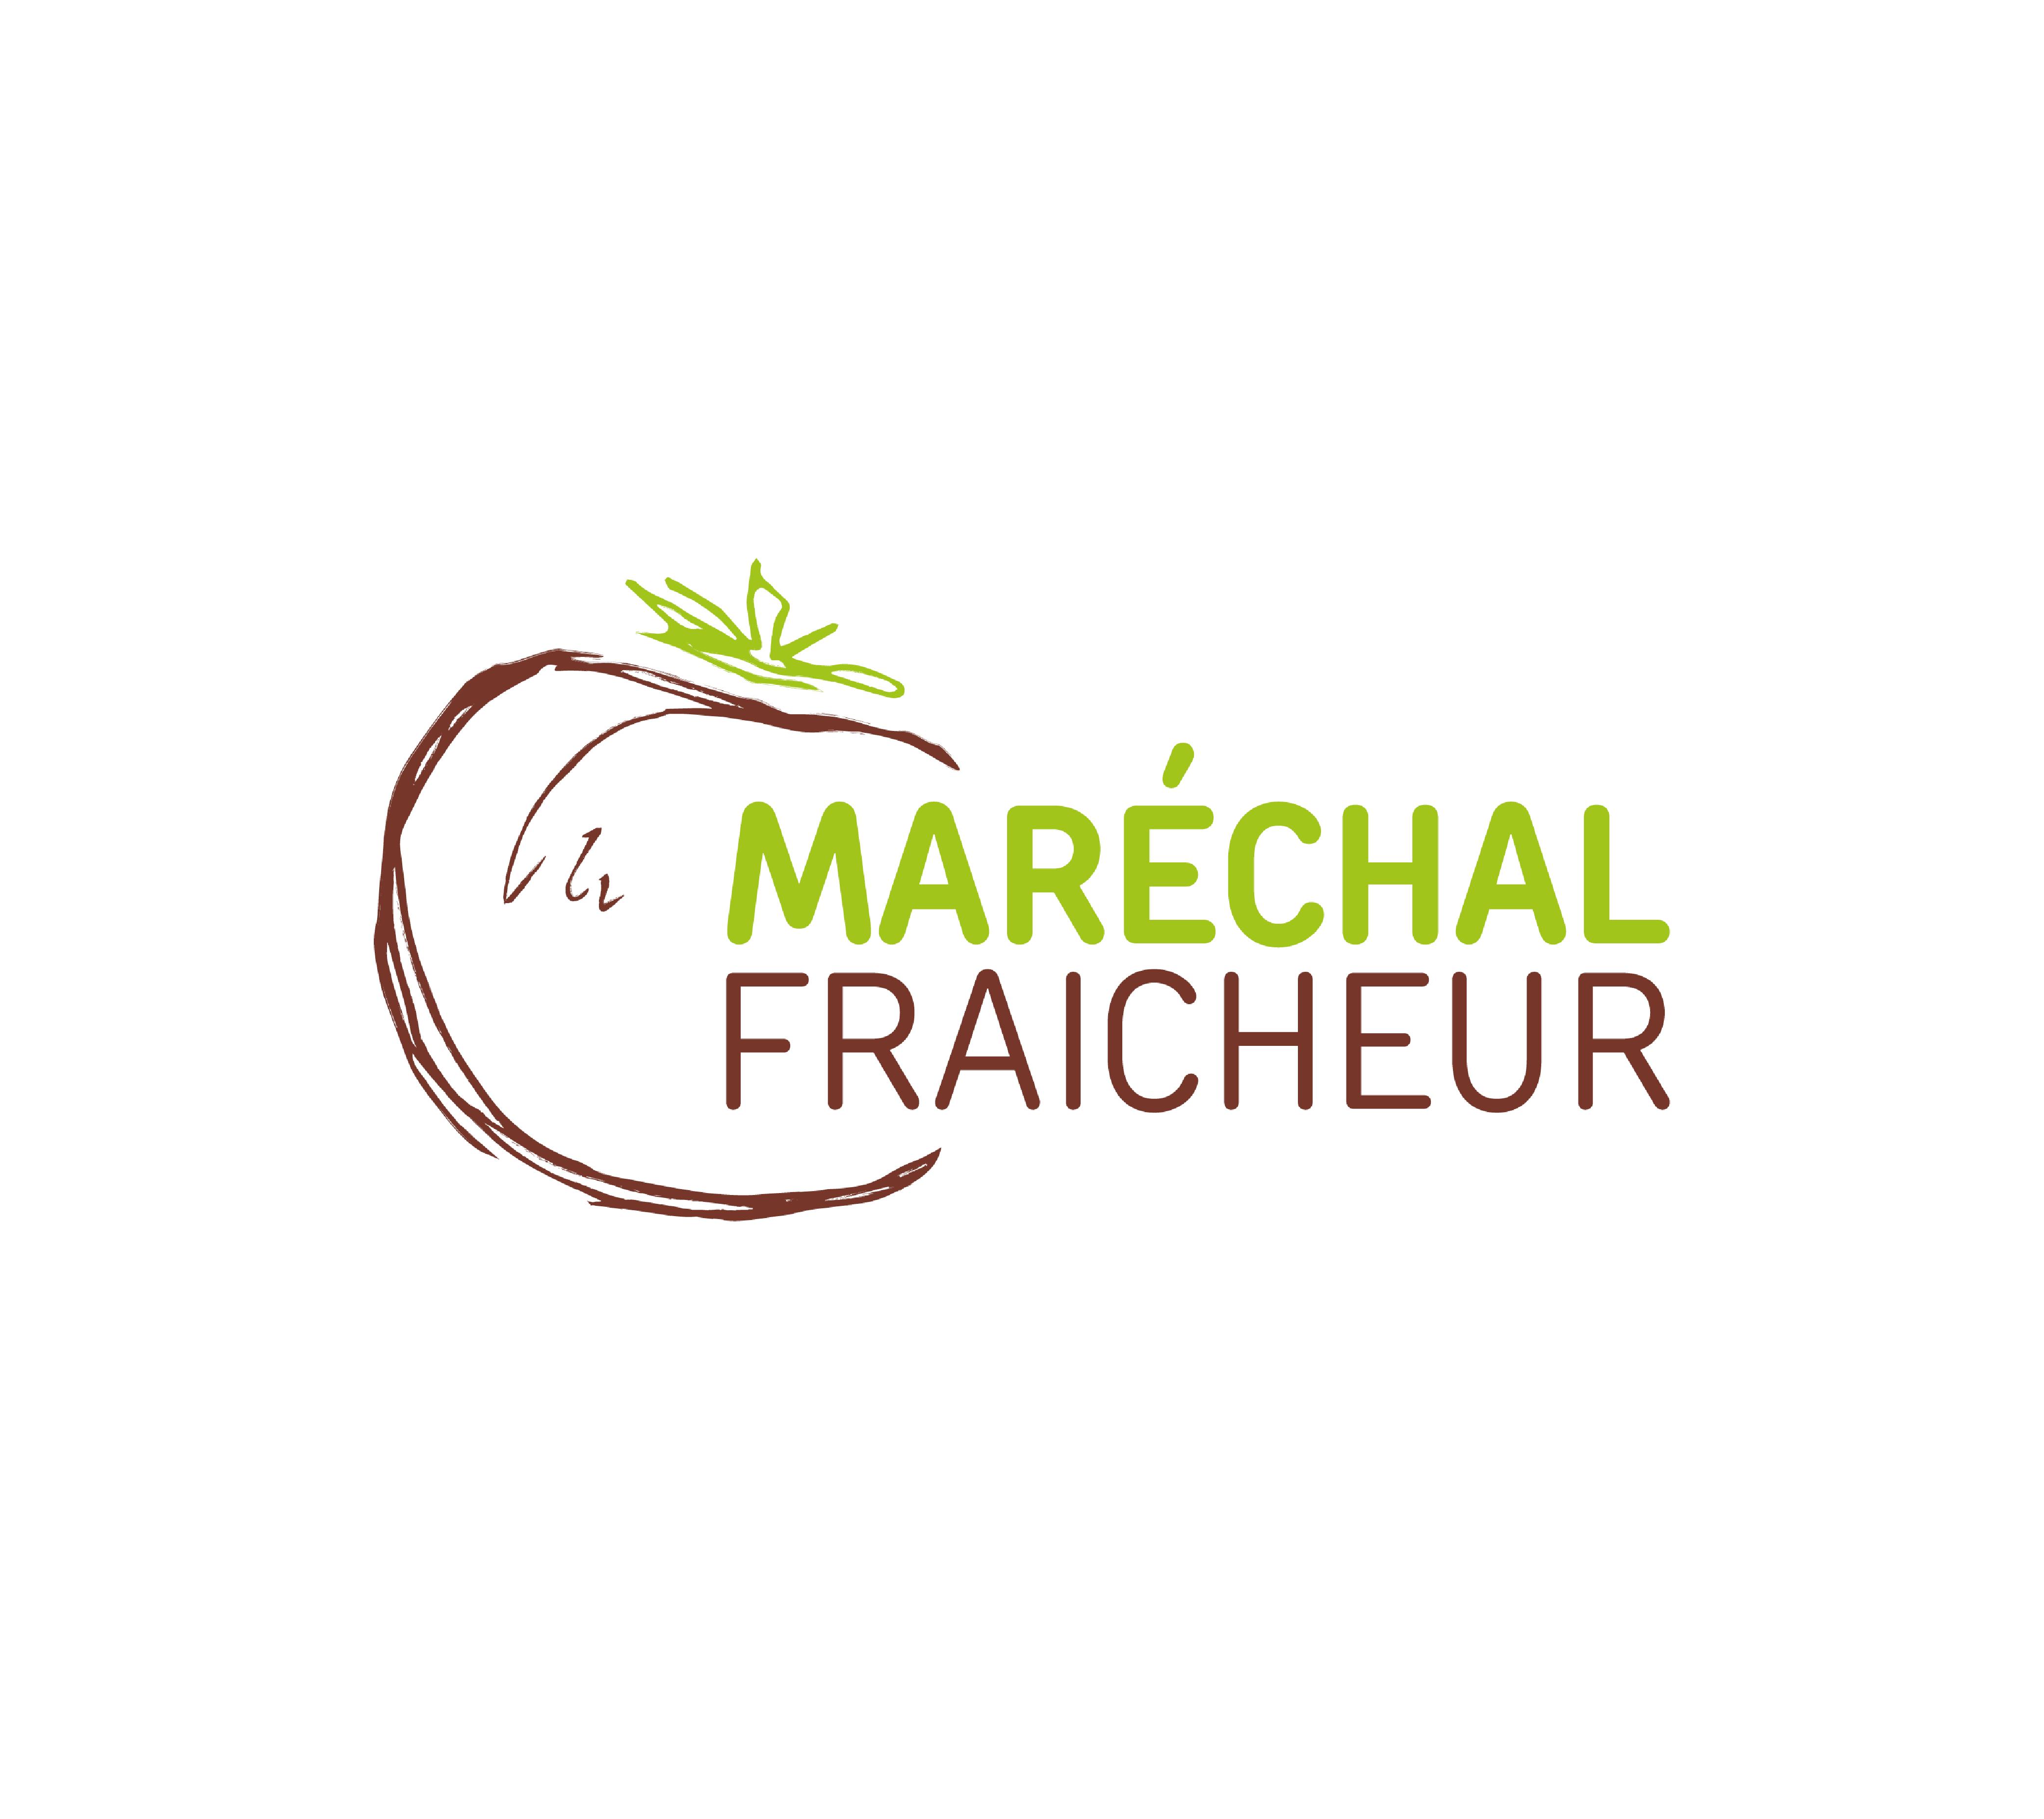 MARÉCHAL FRAICHEUR - SOUTIEN DU LYON STREET FOOD FESTIVAL